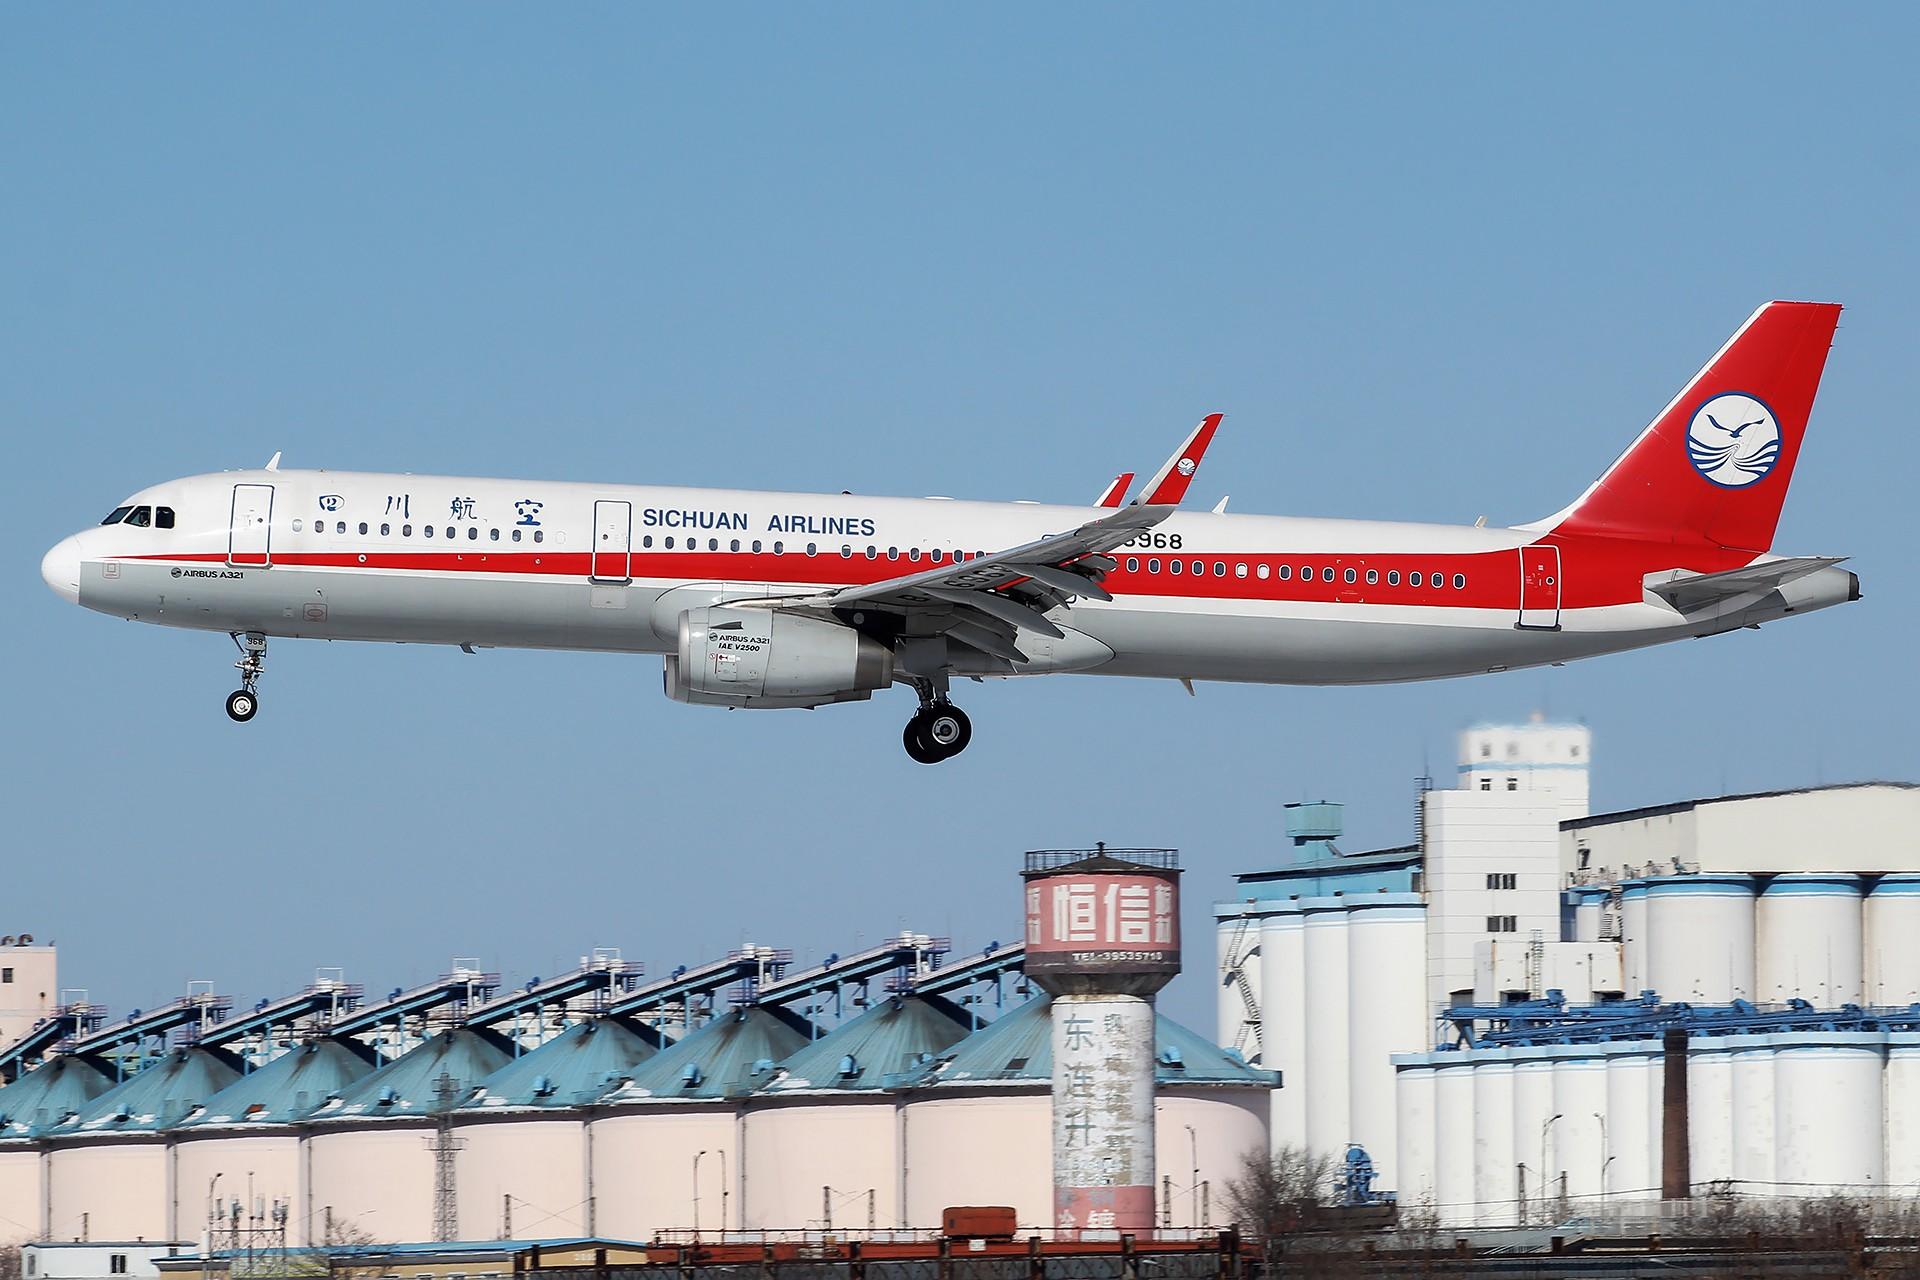 [原创][DLC]。。。雪后天真就这么蓝。。。 AIRBUS A321-200 B-6968 中国大连国际机场